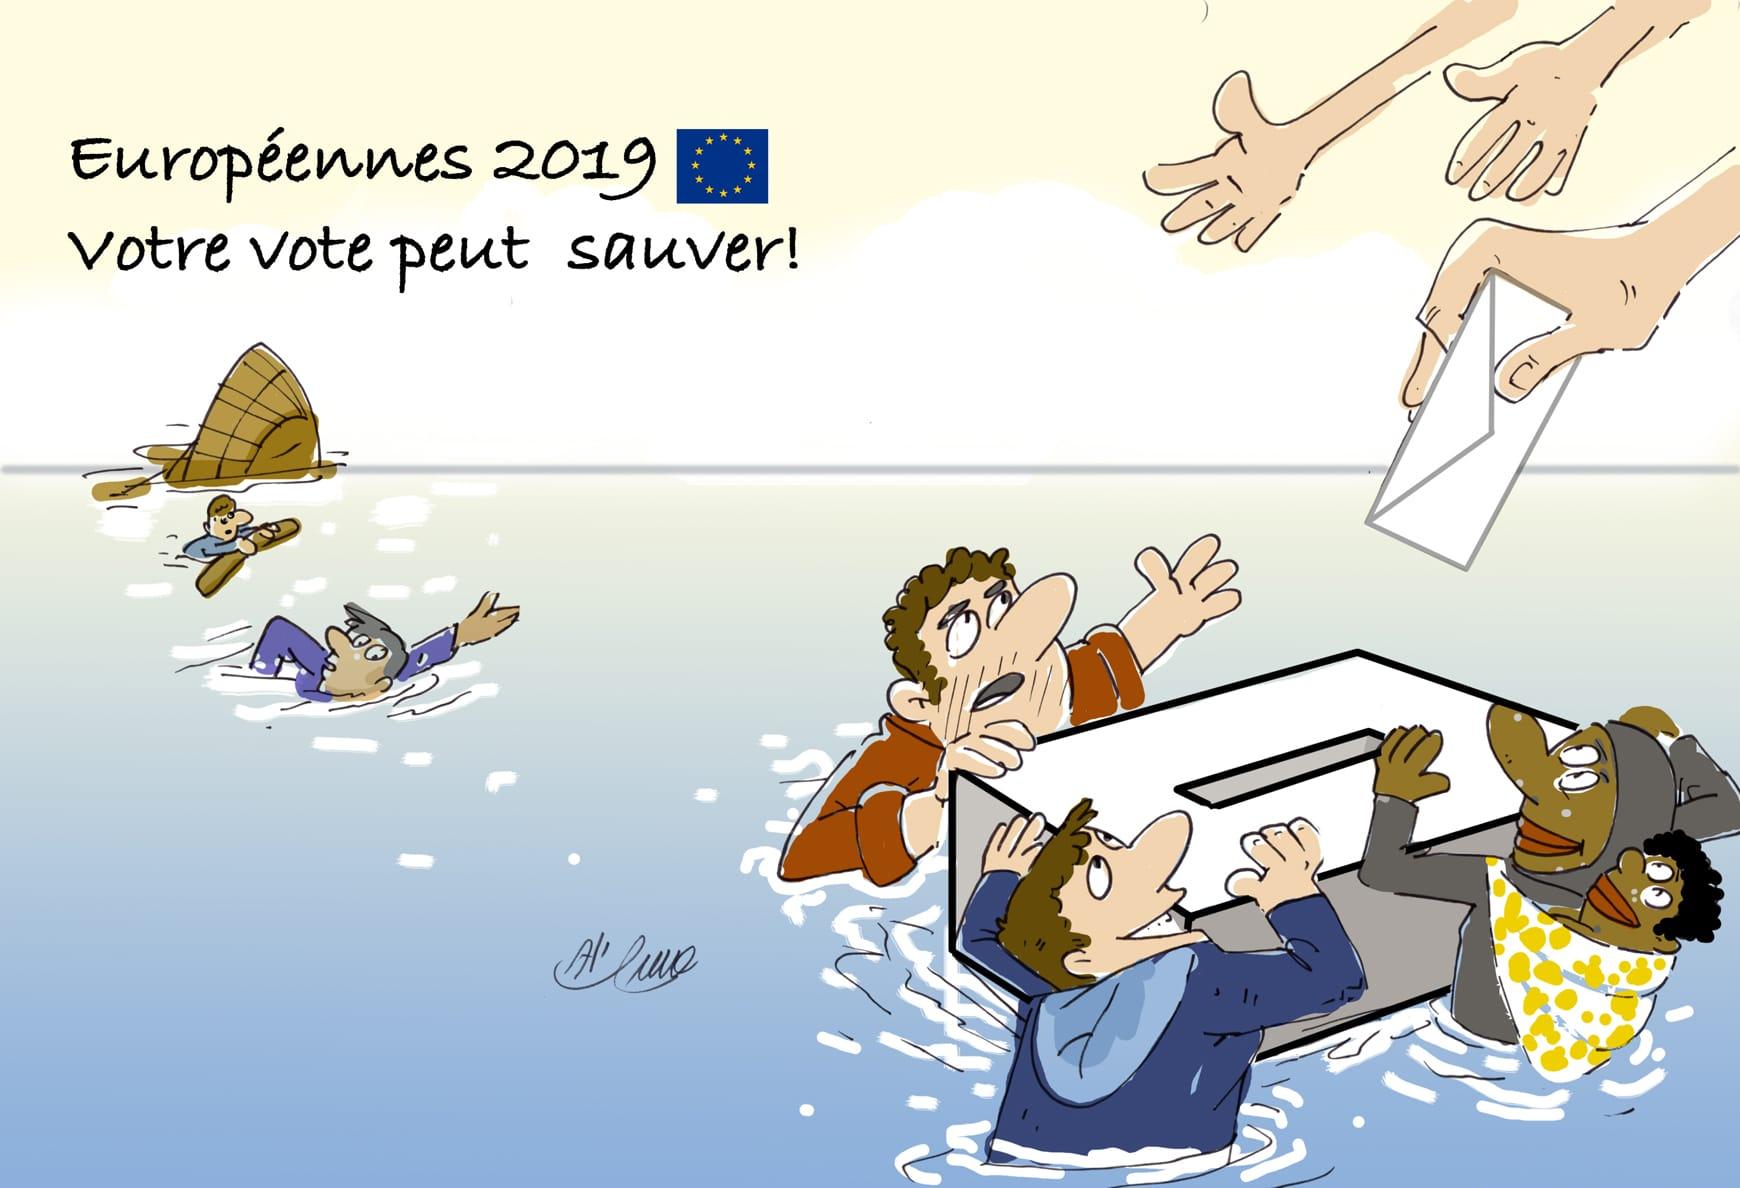 Mai 2019 : « Européennes 2019 : Votre vote peut sauver » #ThePowerOfVote